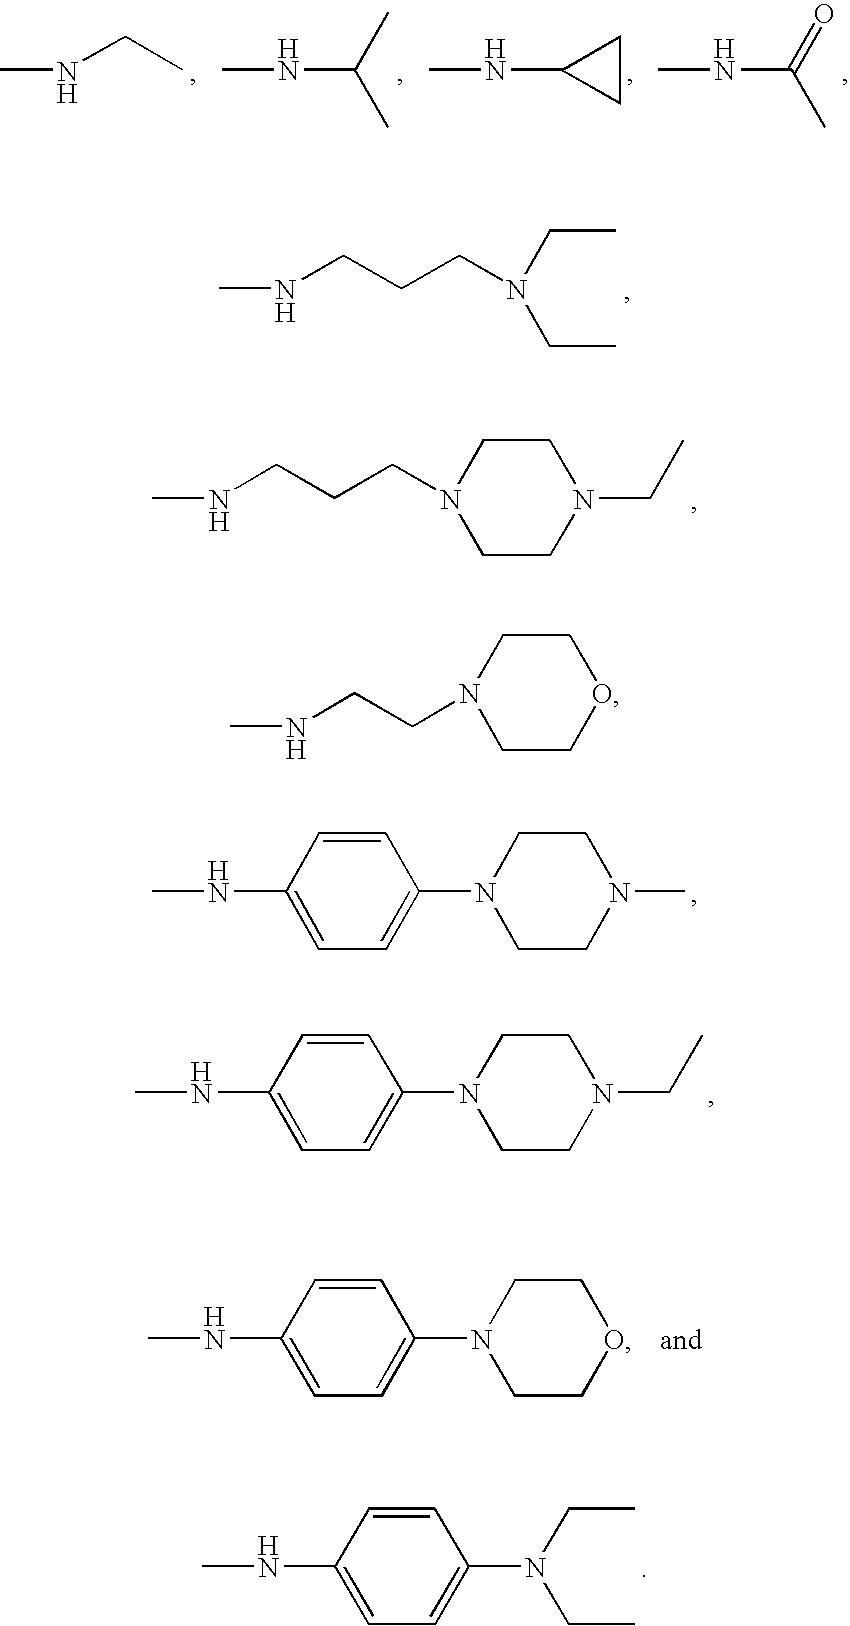 Figure US20090312321A1-20091217-C00077